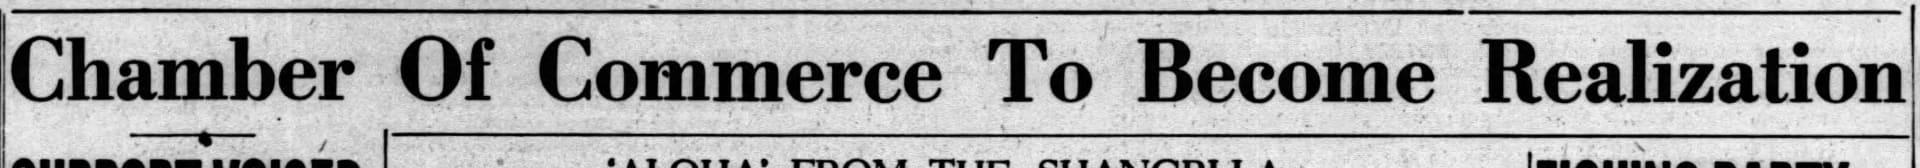 The_News_Messenger_Tue__Oct_23__1945_-w1920.jpg